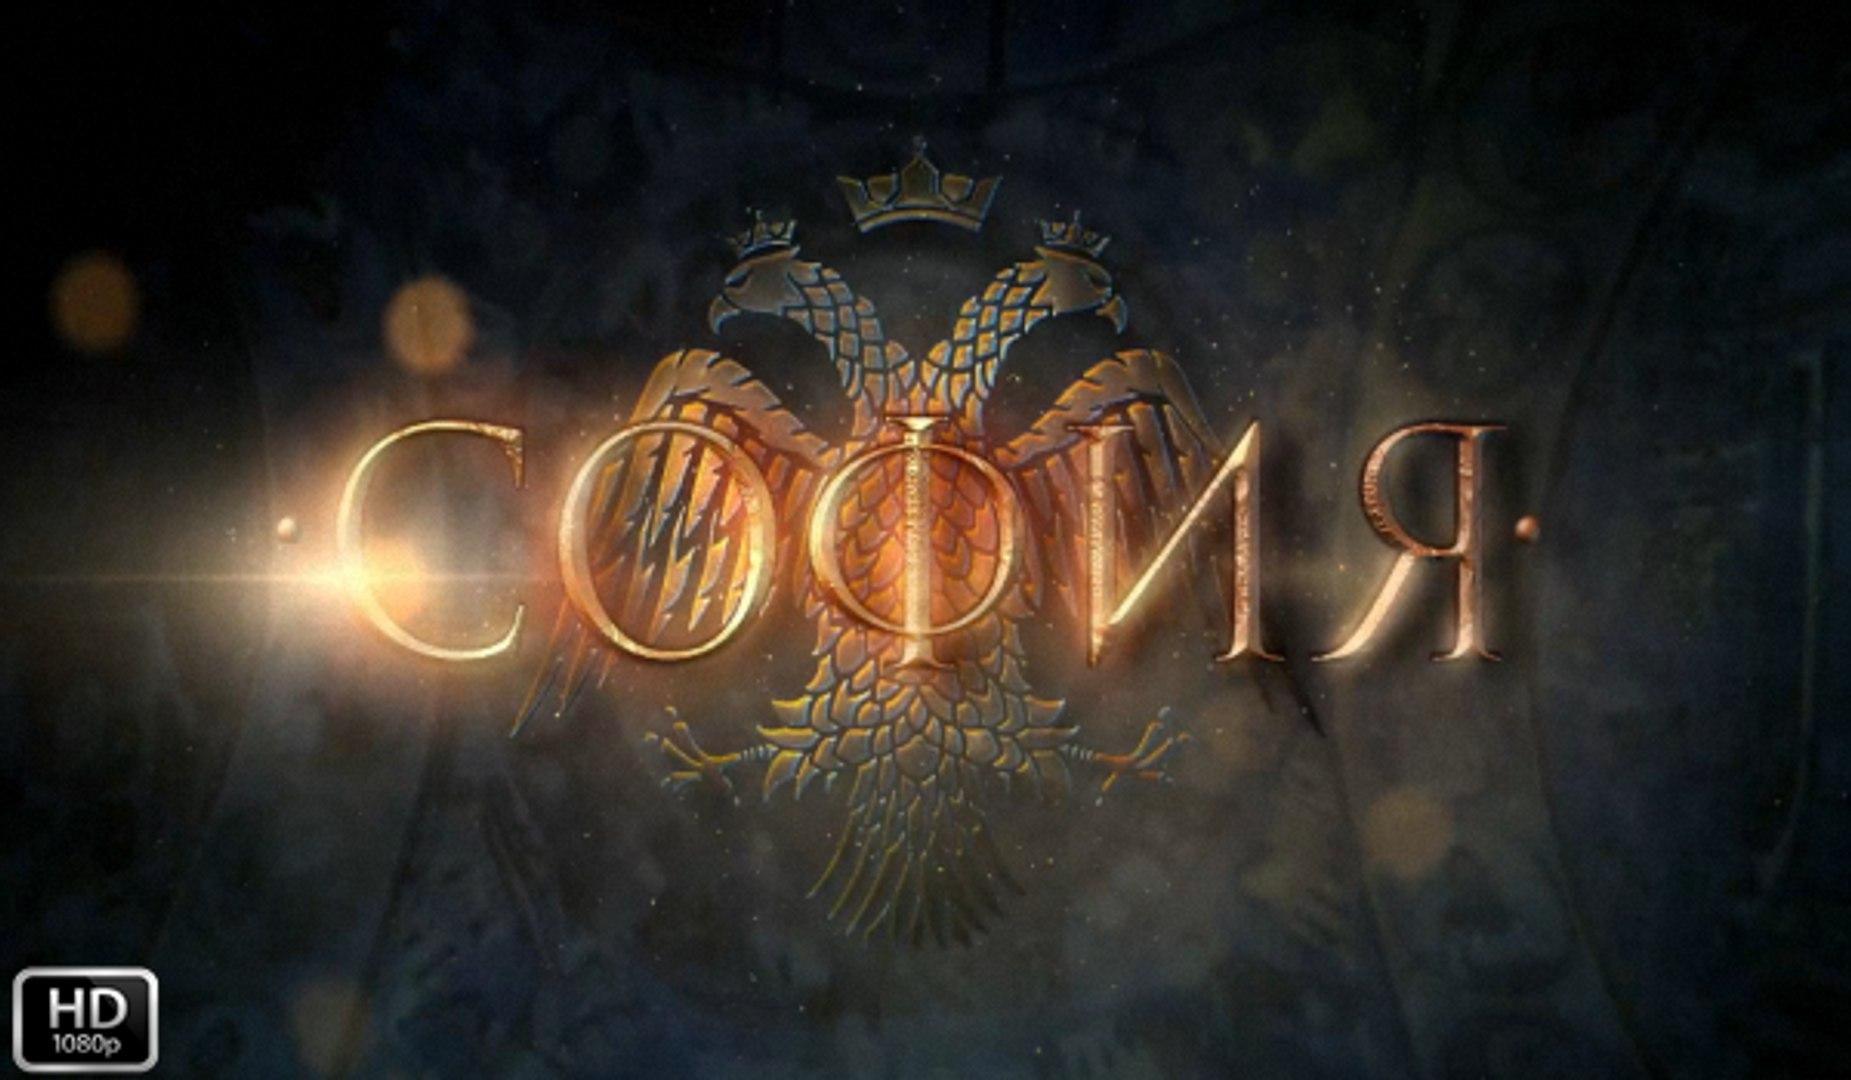 София 4 серия (2016) Сериал HD (1080p)